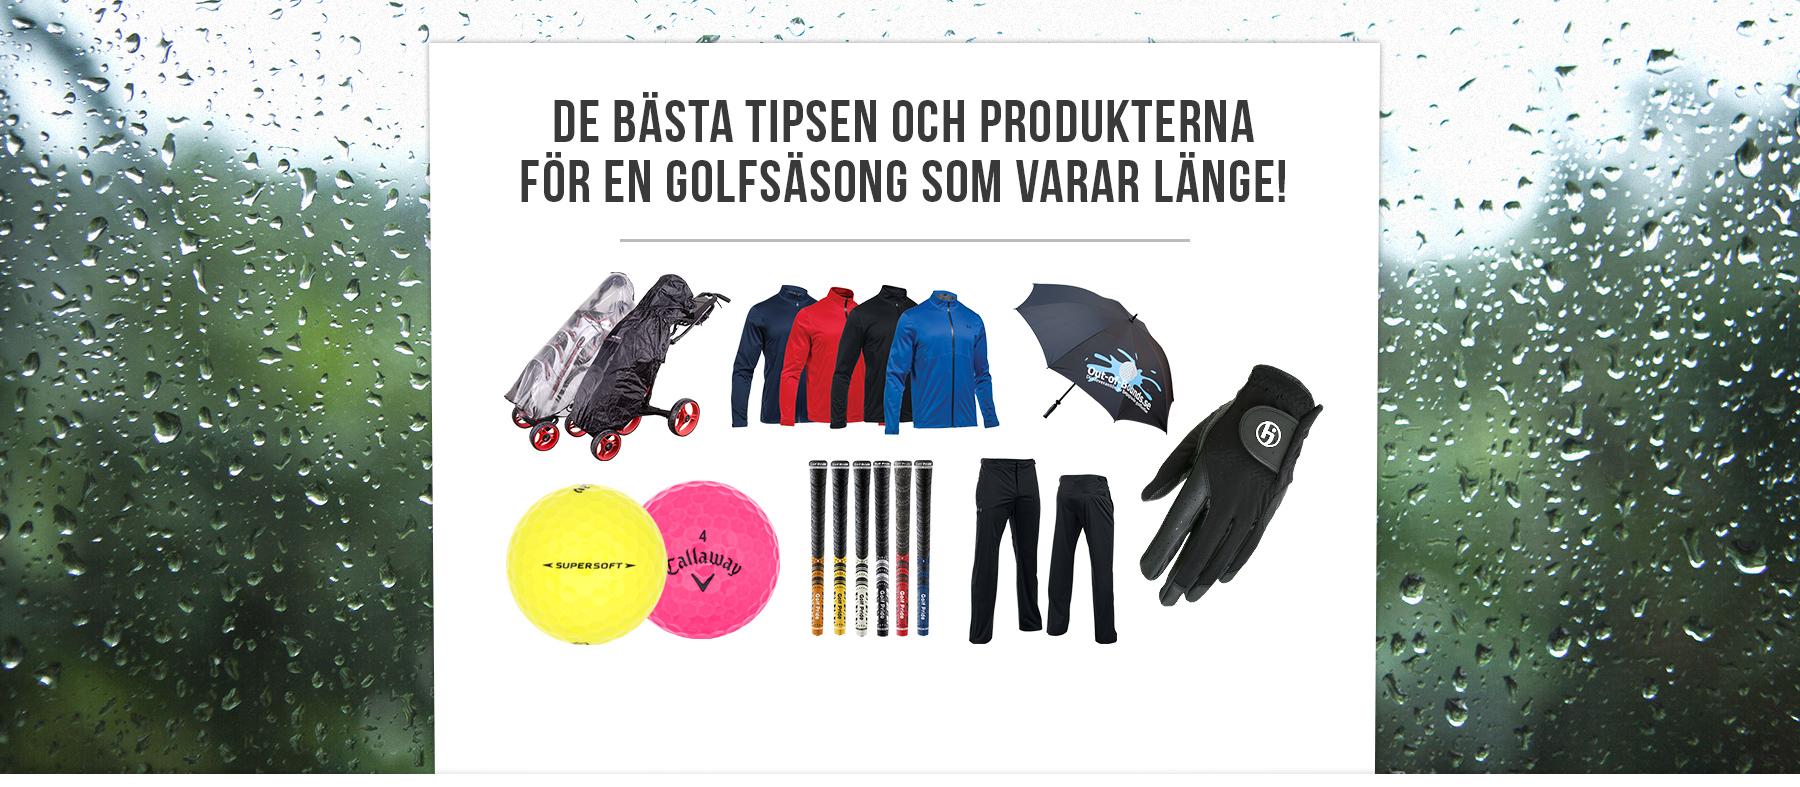 De bästa tipsen och produkterna för en golfsäsong som varar länge!